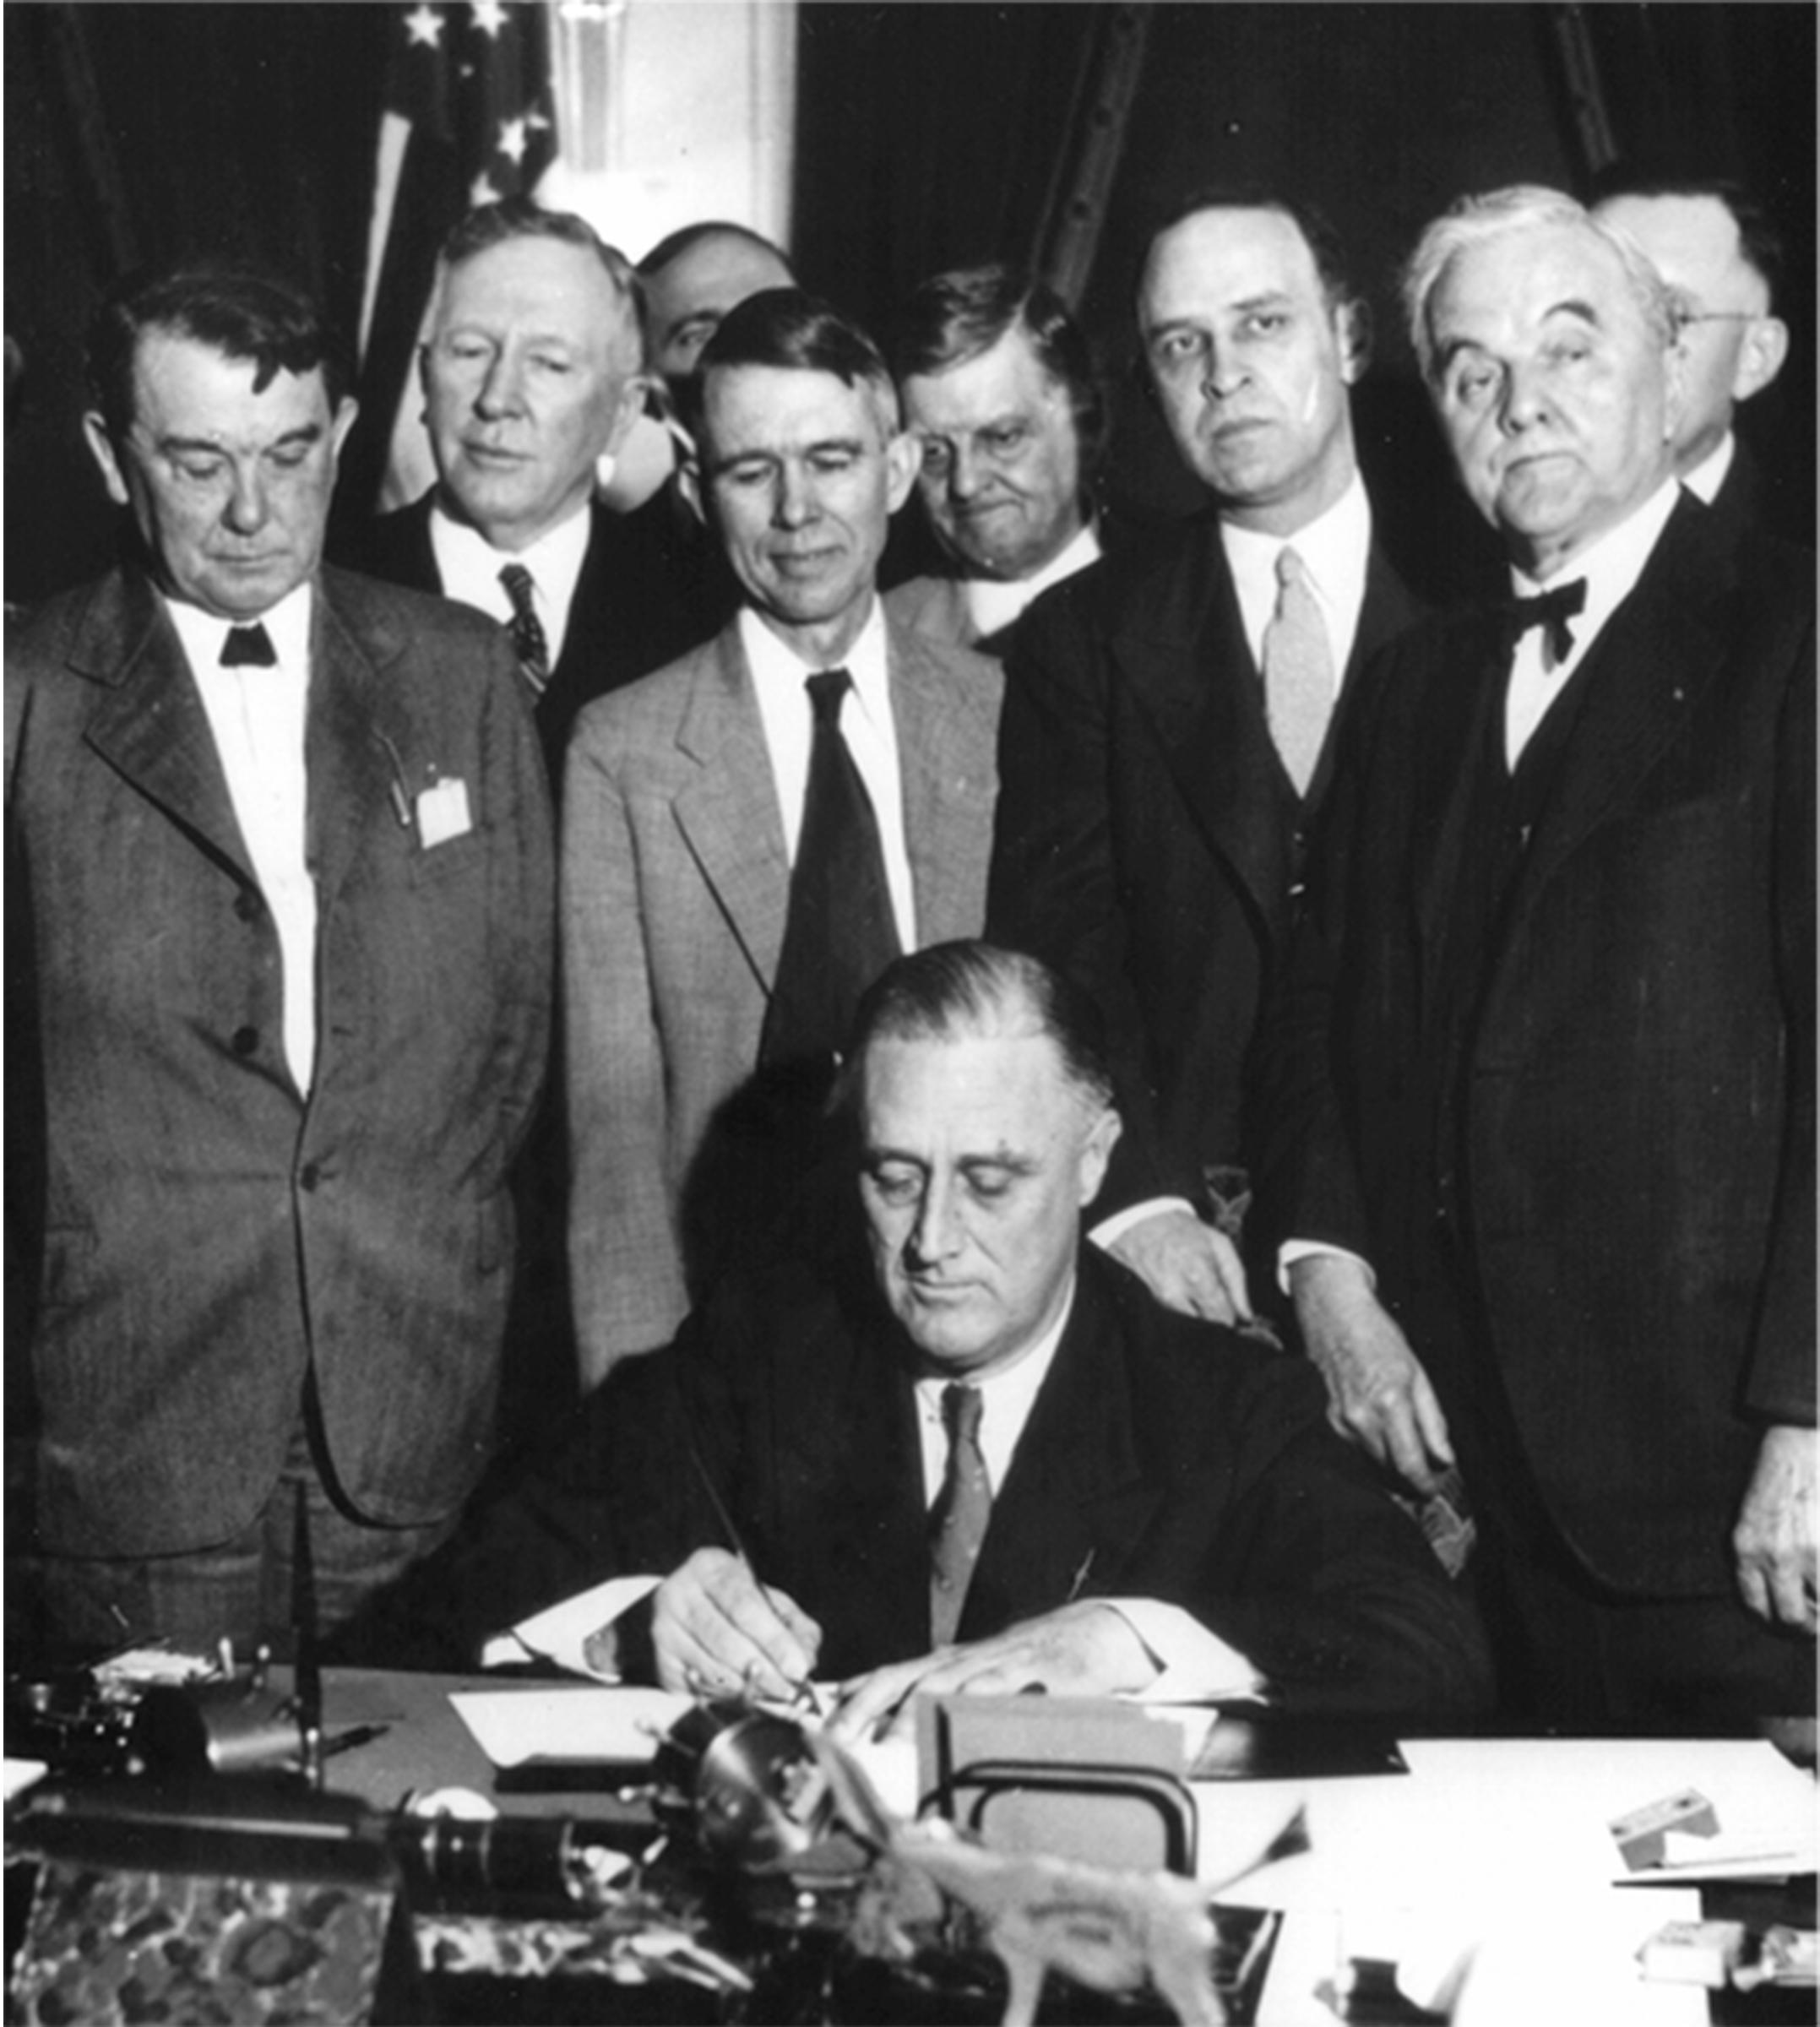 Franklin D. Roosevelt (sitzend) und George W. Norris (vorne rechts) bei der Gründung der Tennessee Valley Authority (1933)